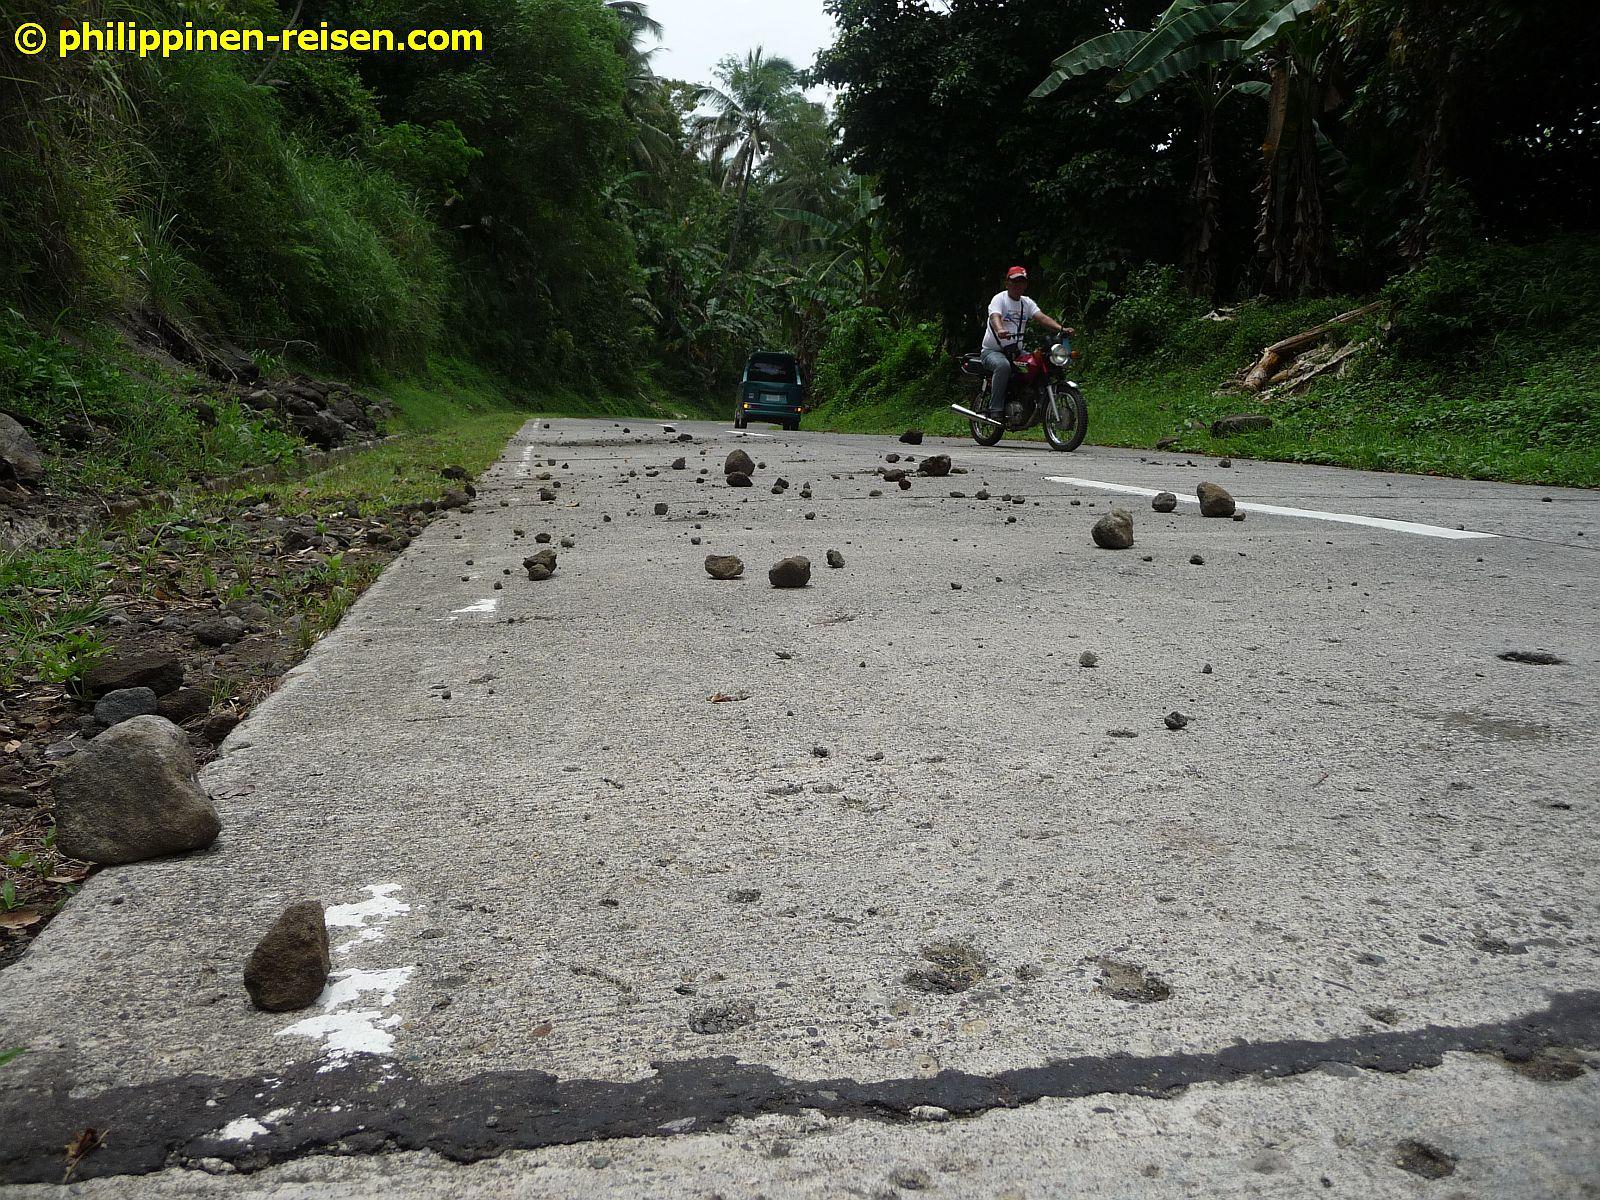 PHILIPPINEN REISEN - REISEBERICHTE - MINDANAO - Ausflug in die Berge von Malitbog